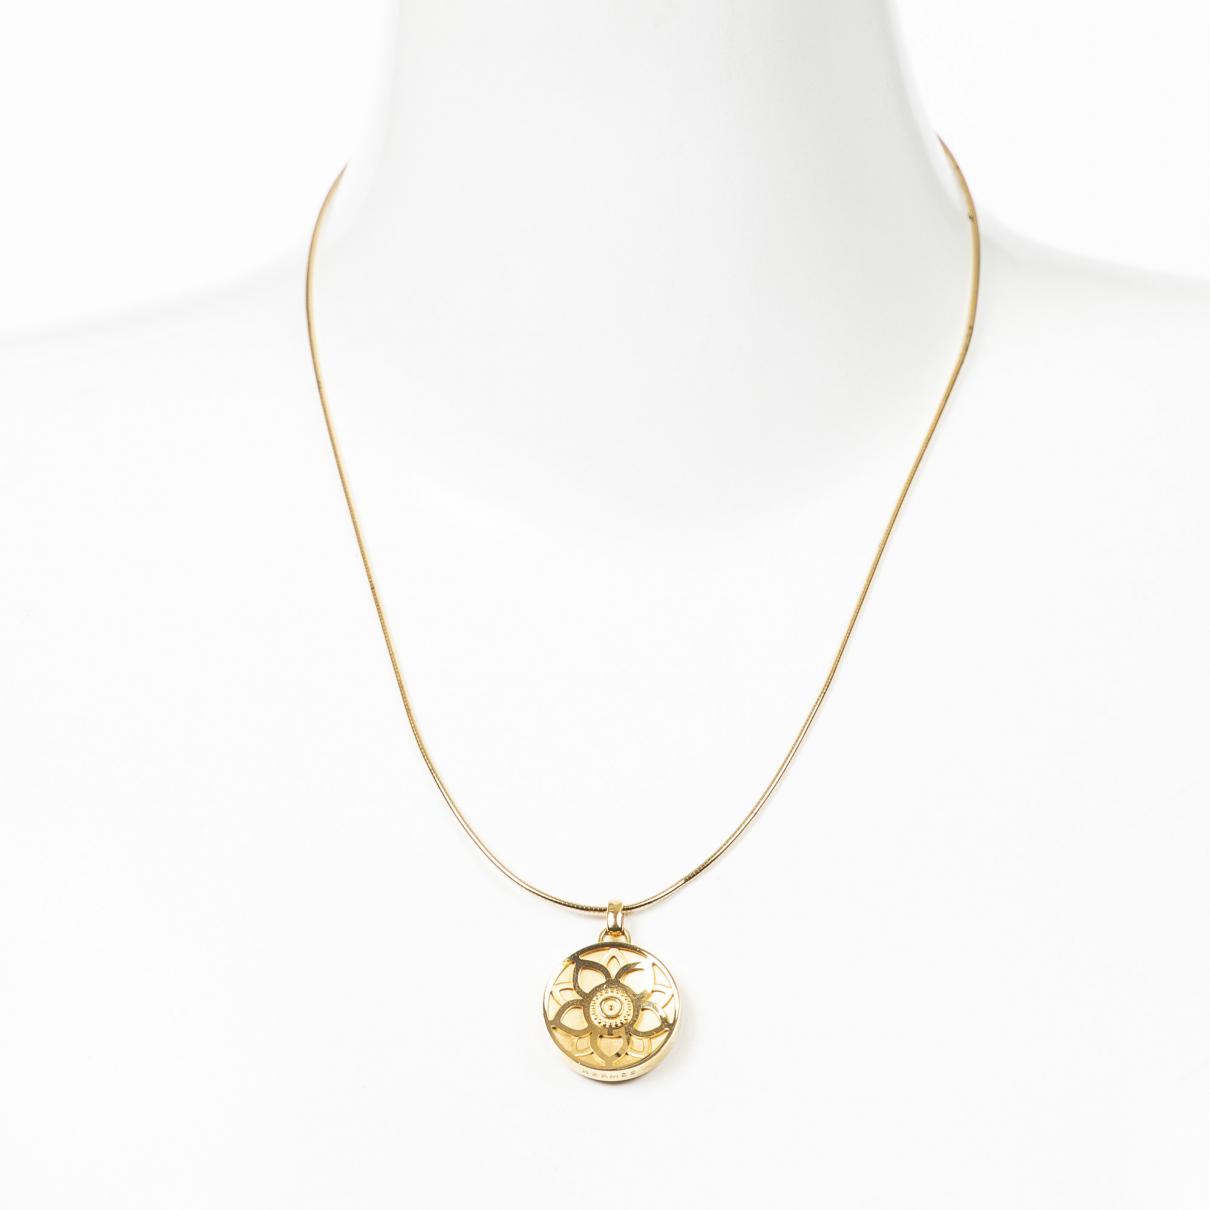 Hermes \N Kette in  Gold Metall